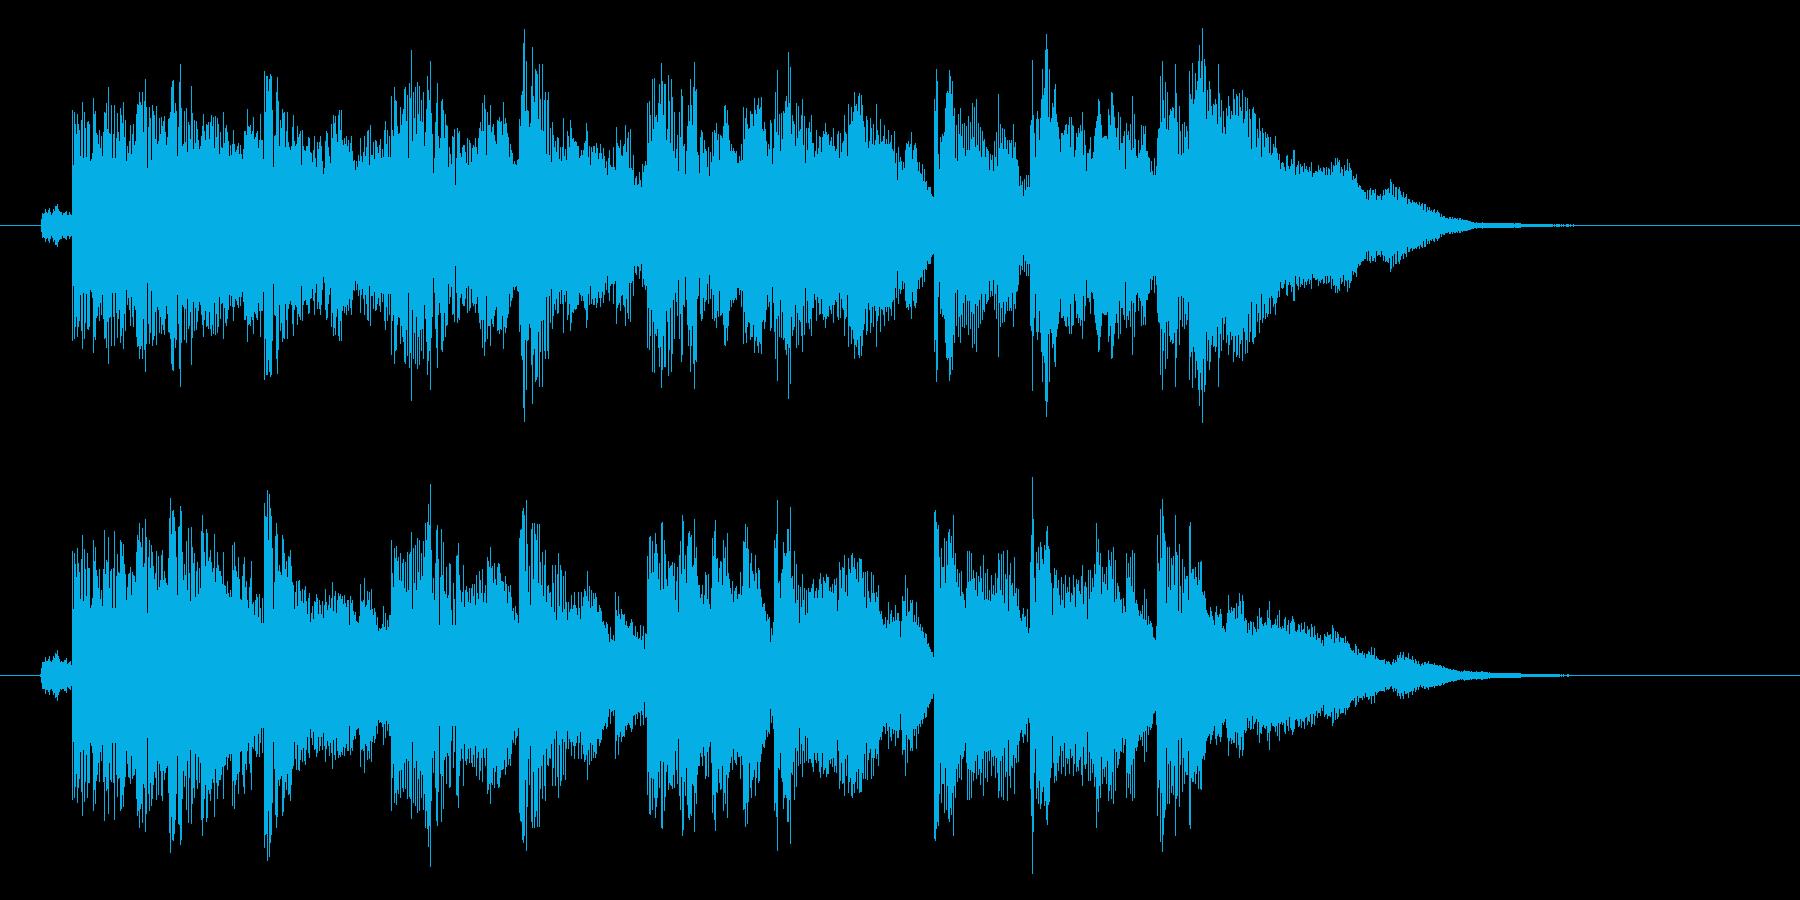 きらびやかなリラクゼーション音楽の再生済みの波形